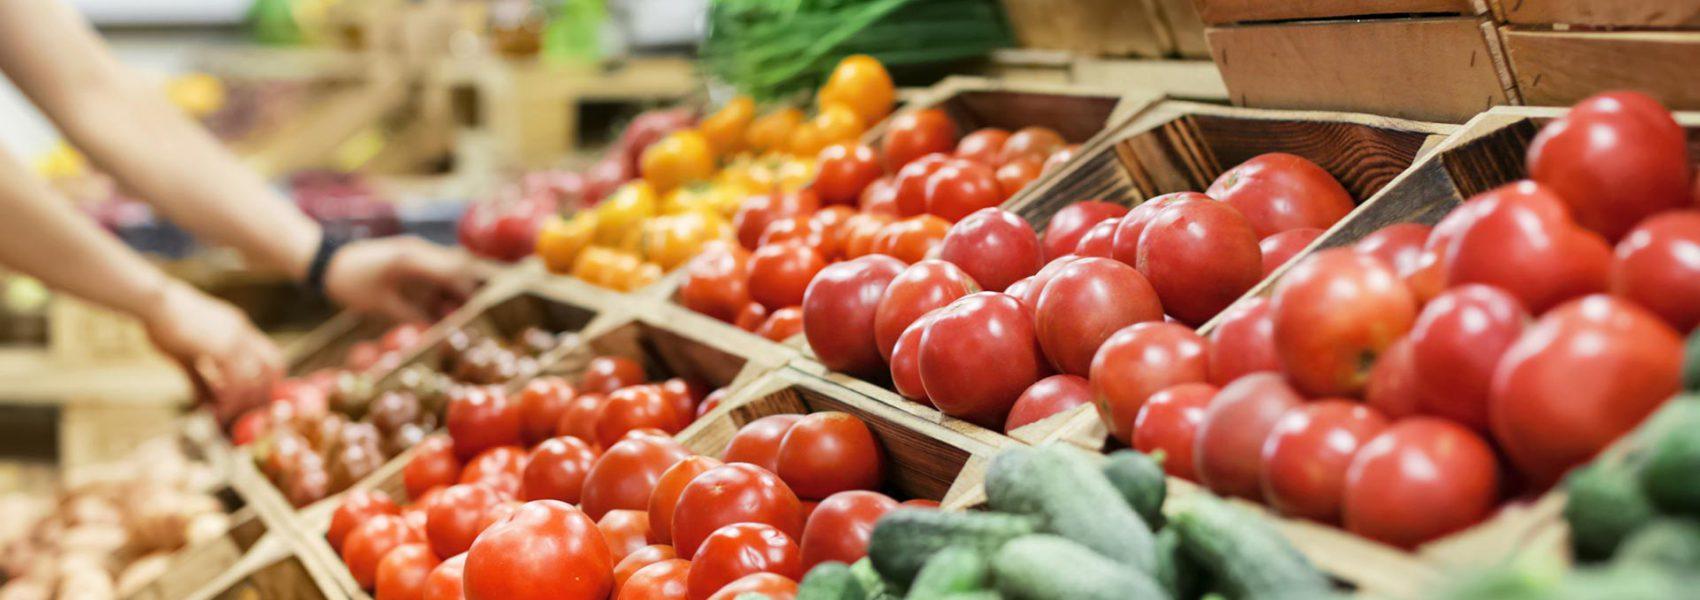 Grossiste en Fruits et légumes basé à Caen